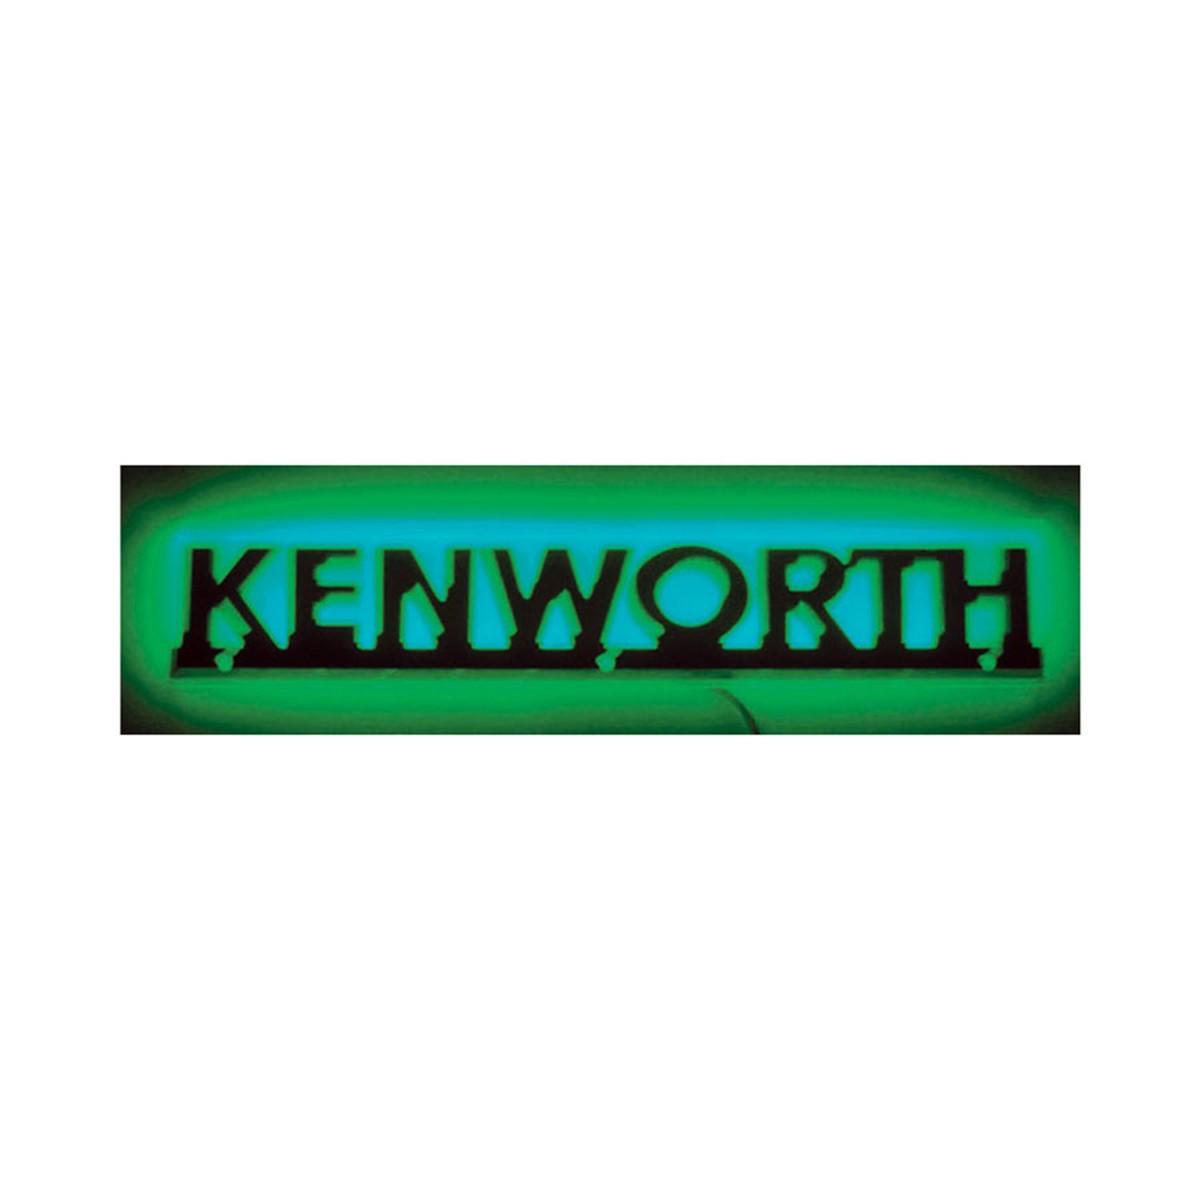 KENWORTH Side Emblem LED.